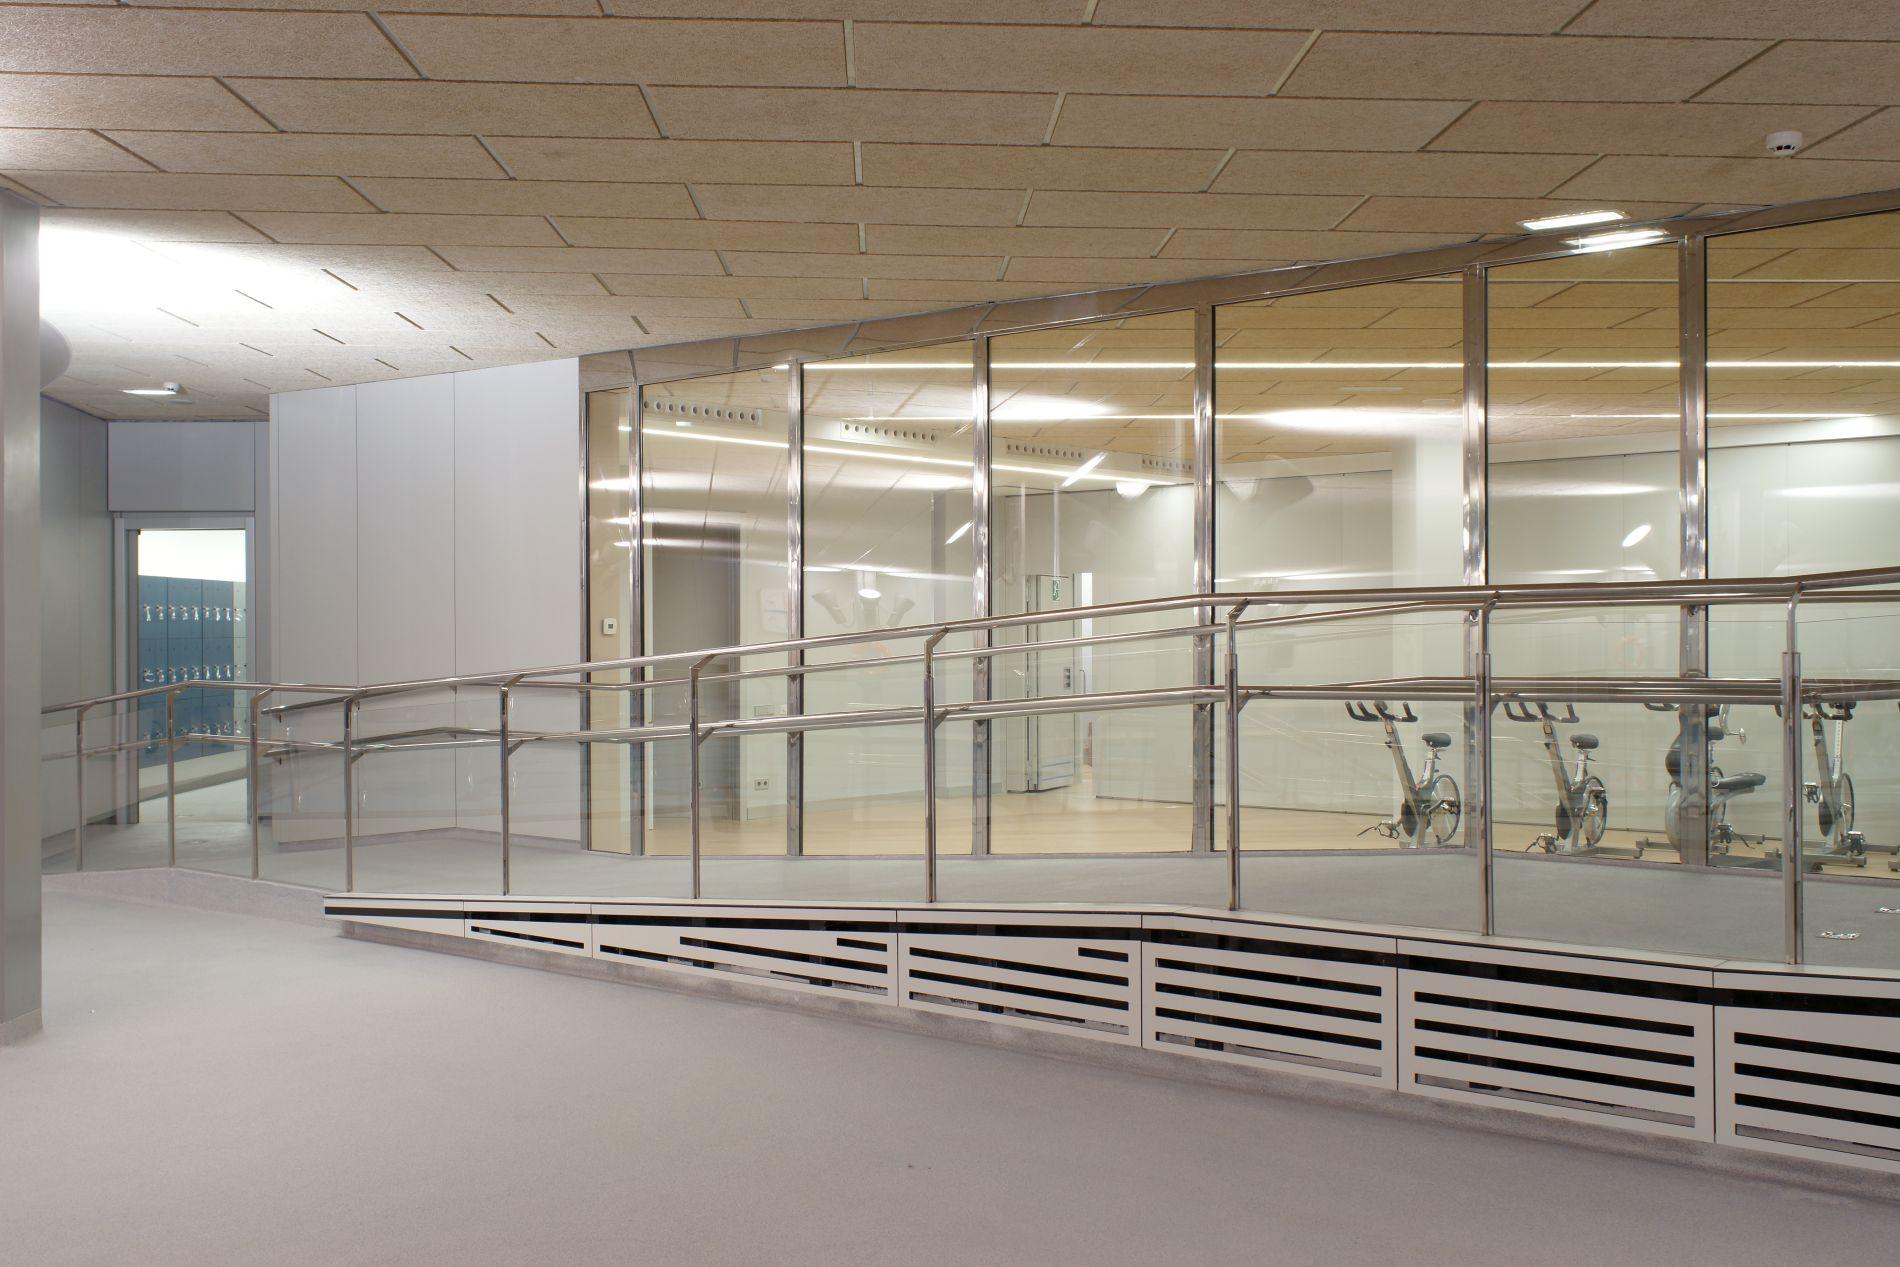 Fiark - Centro deportivo adaptado Hegalak 9